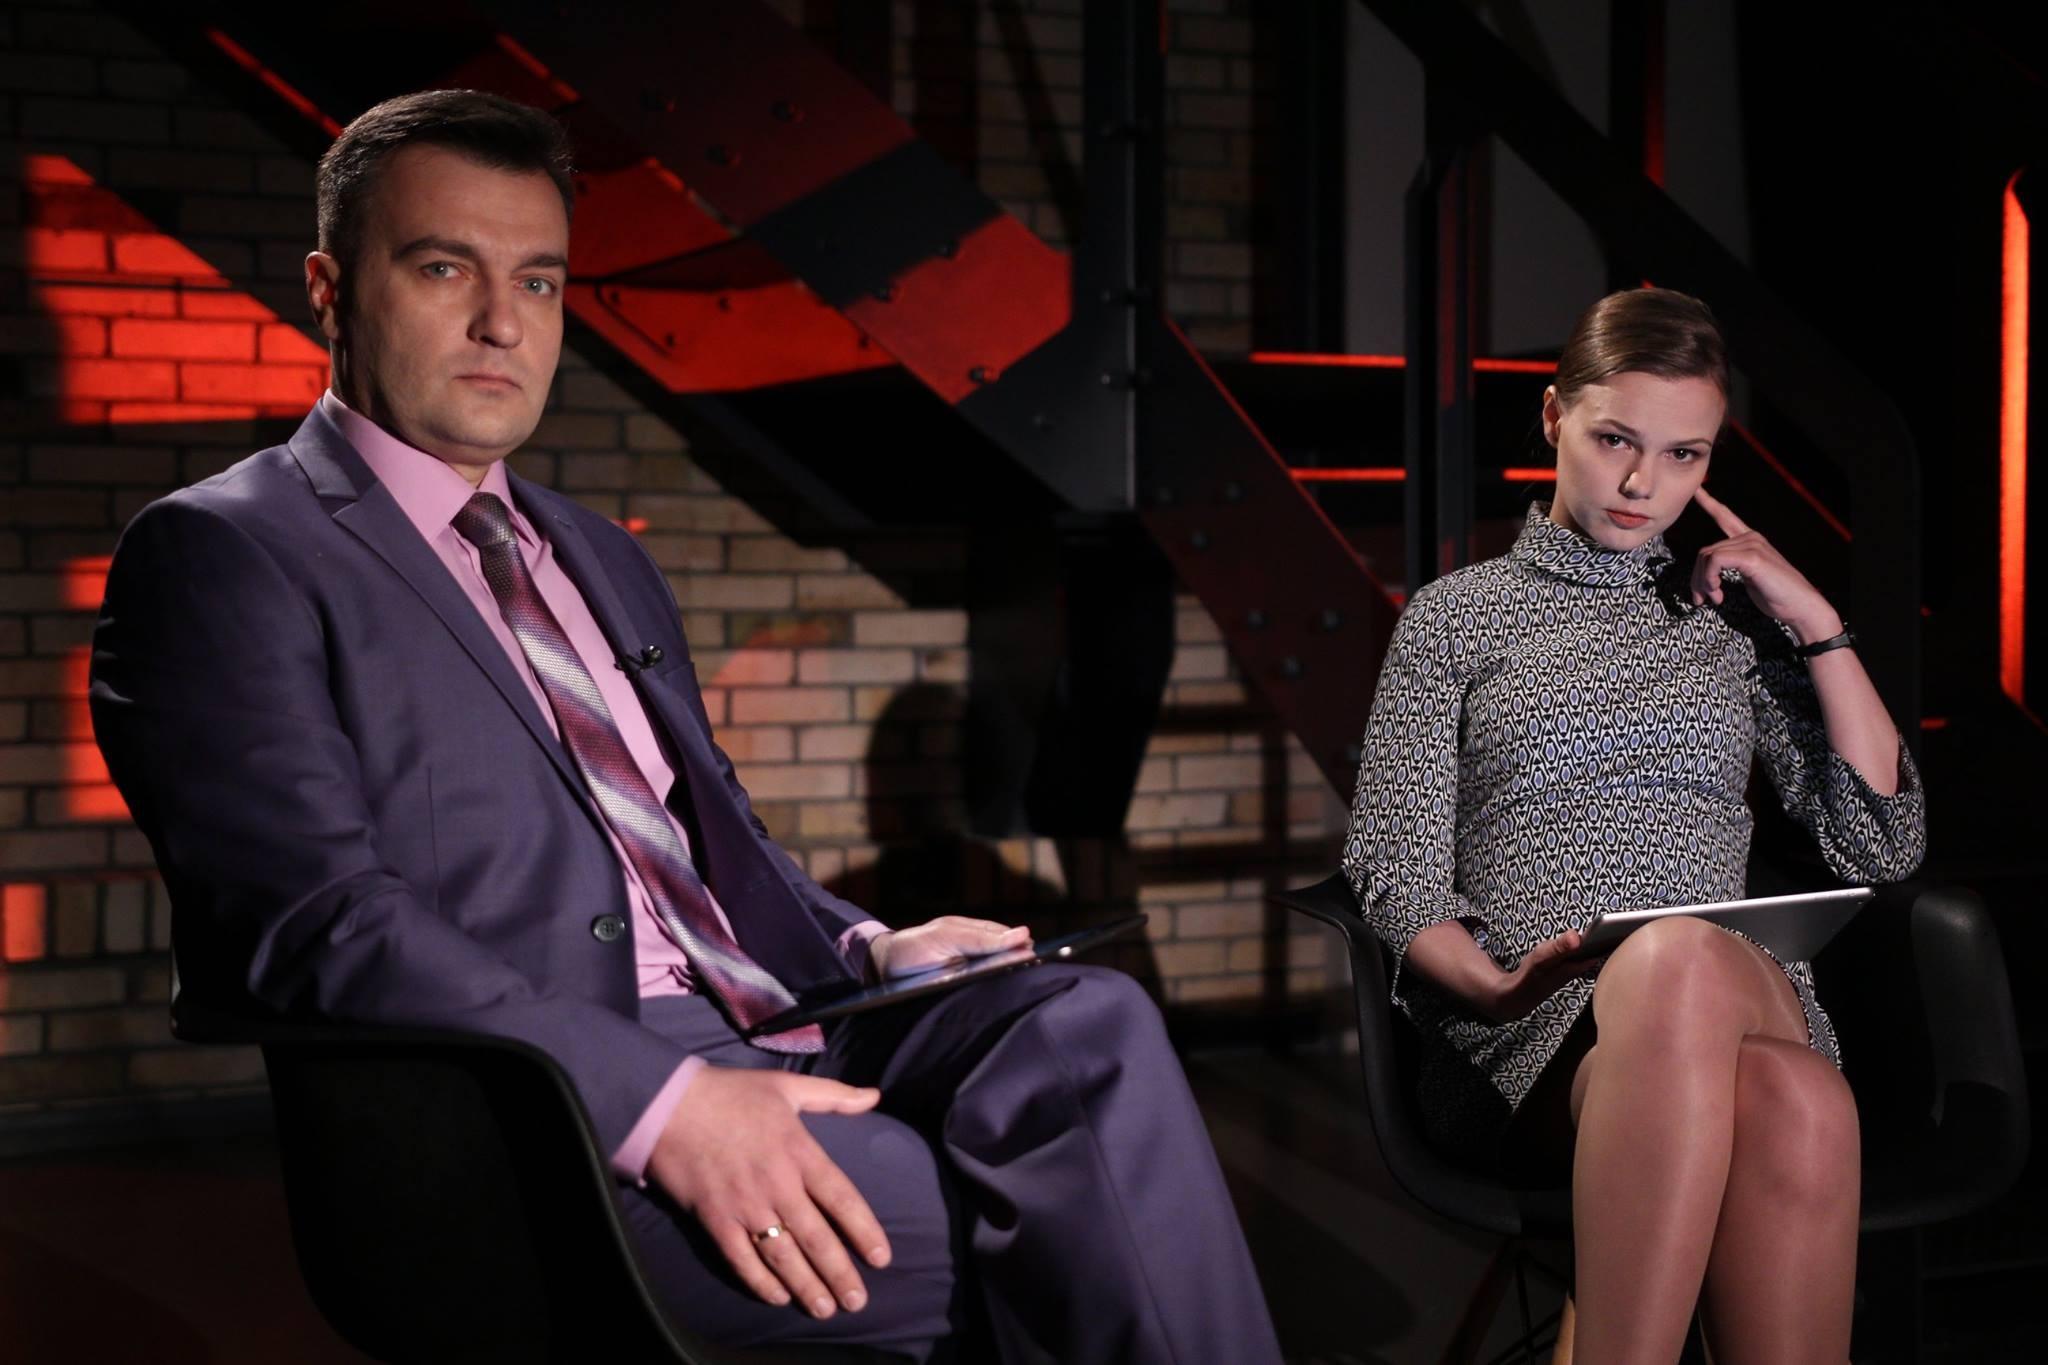 Автори фільму «Вбивство Павла» Анна Бабінець та Дмитро Гнап